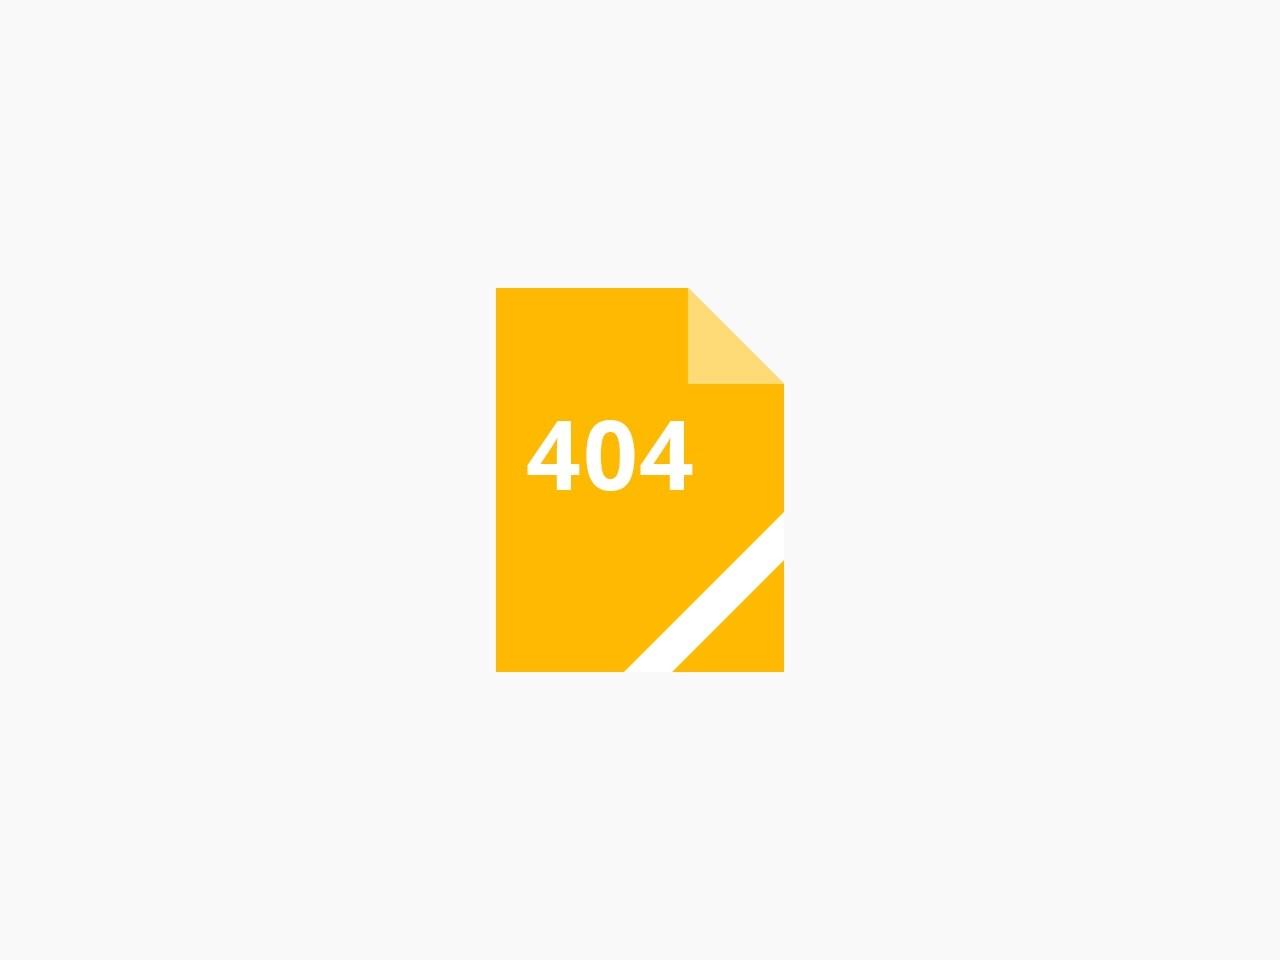 岡川総合法務事務所